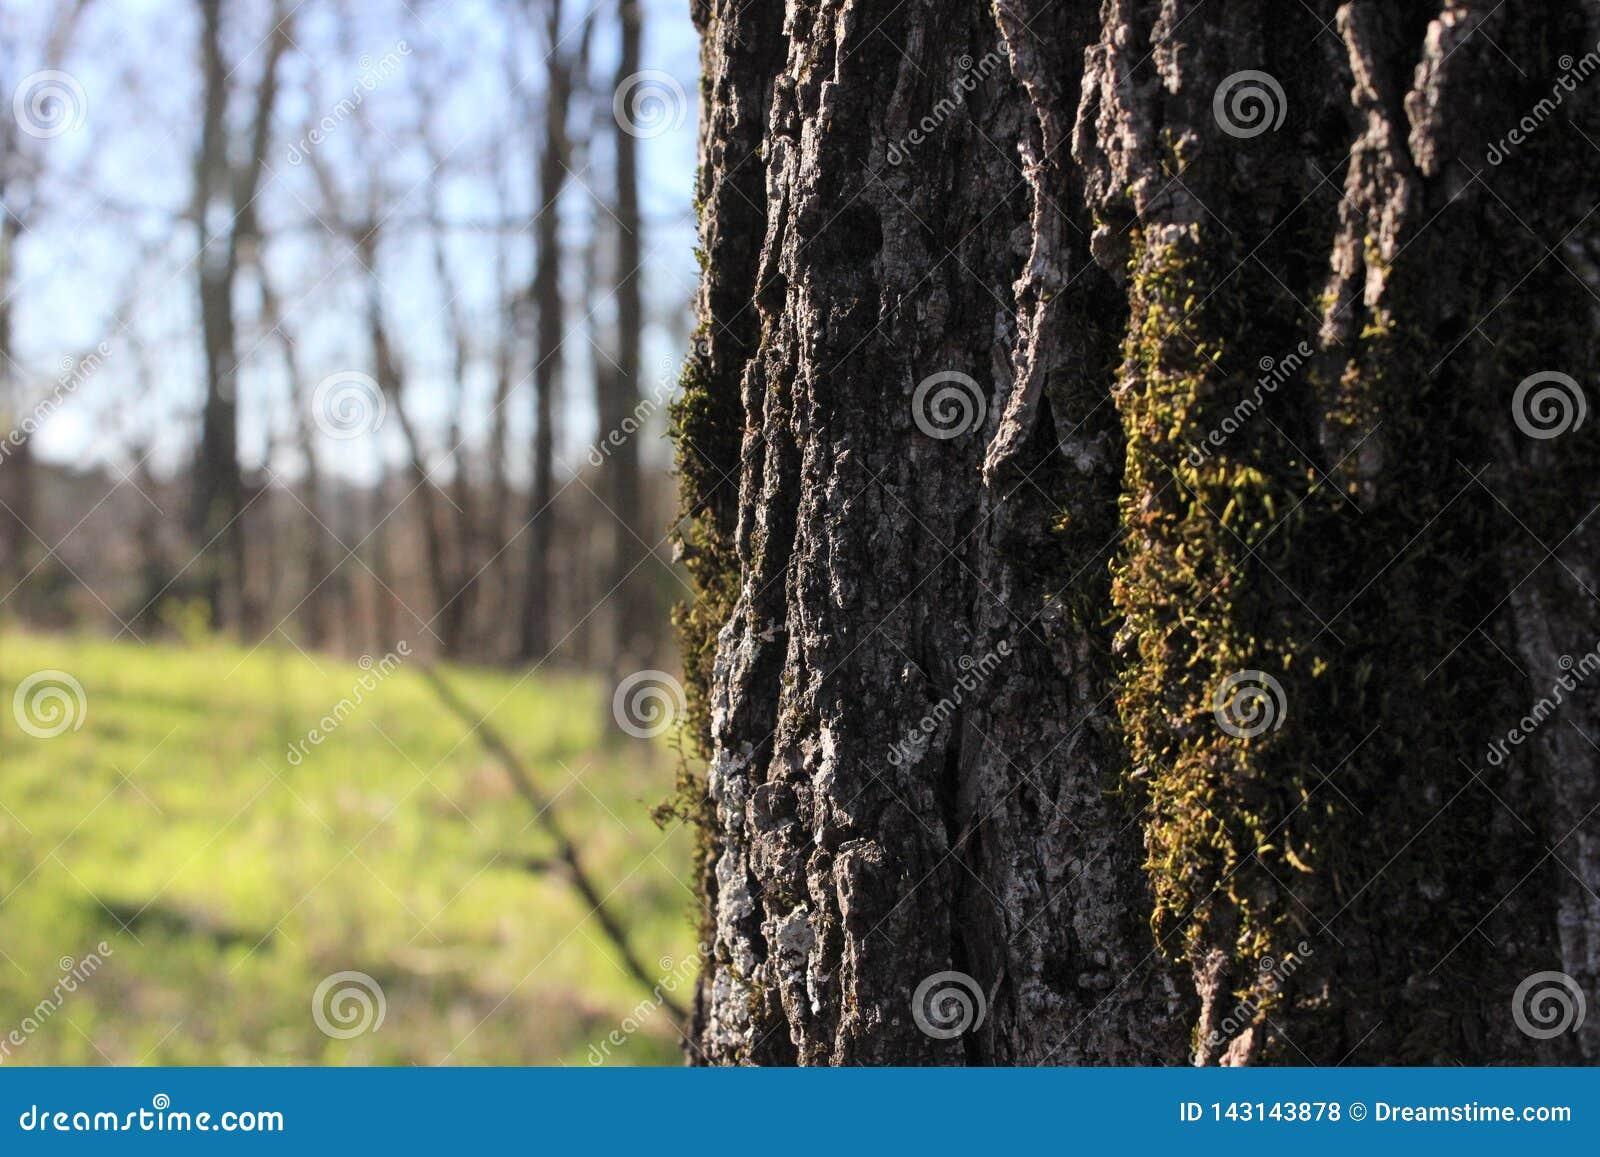 Árvore com Moss Growing na casca